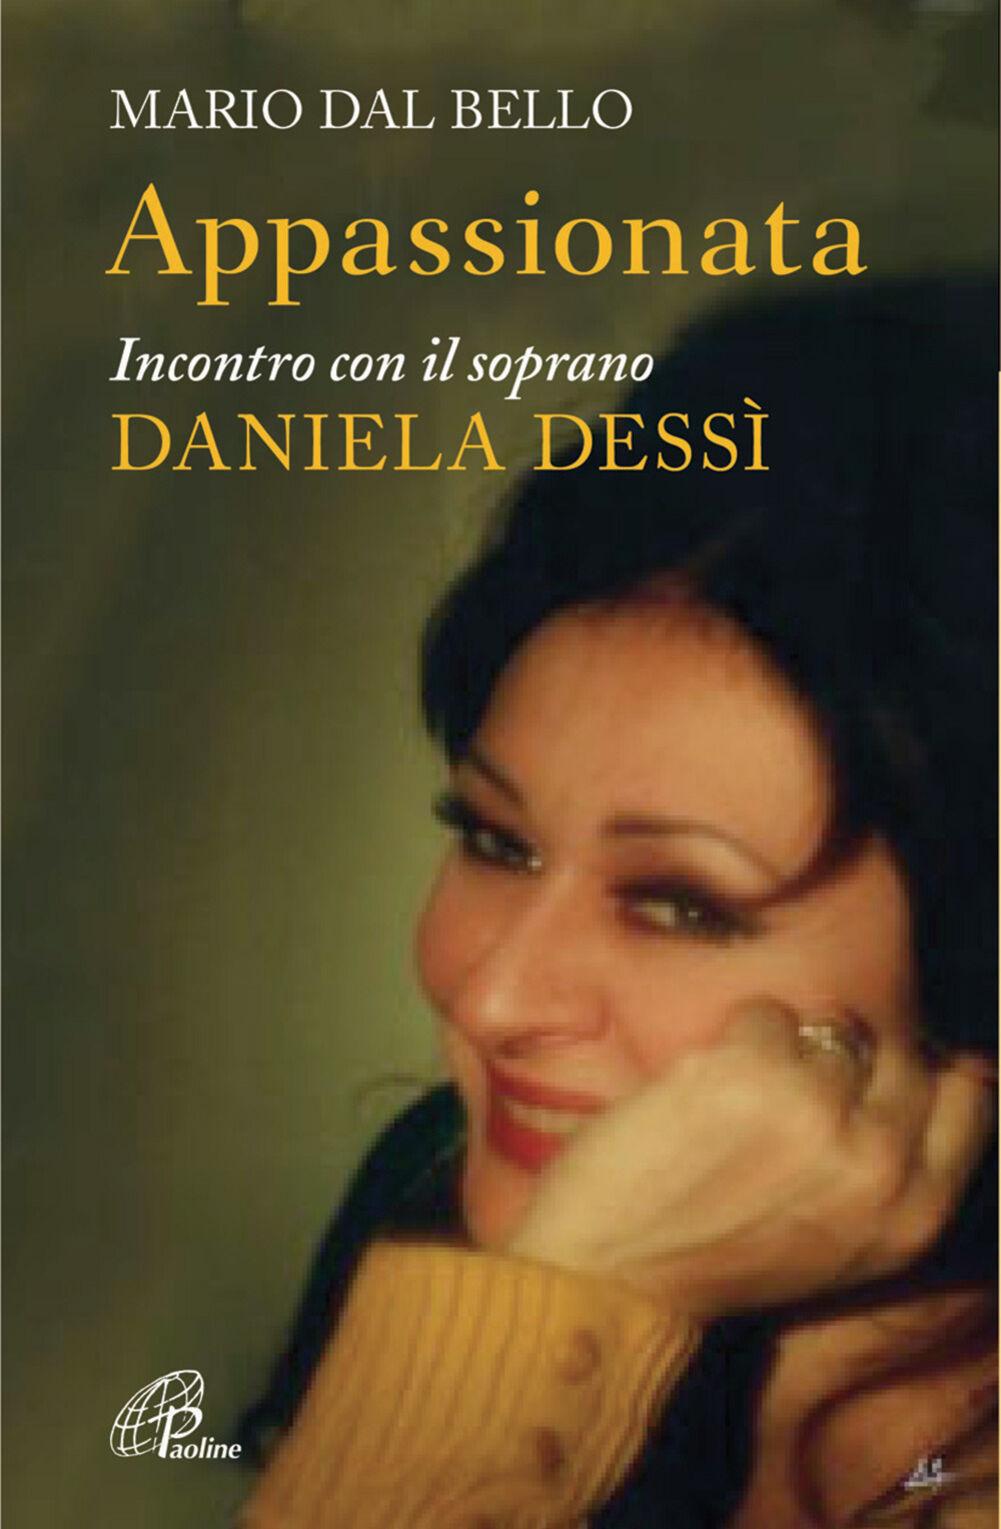 Appassionata. Incontro con il soprano Daniela Dessì